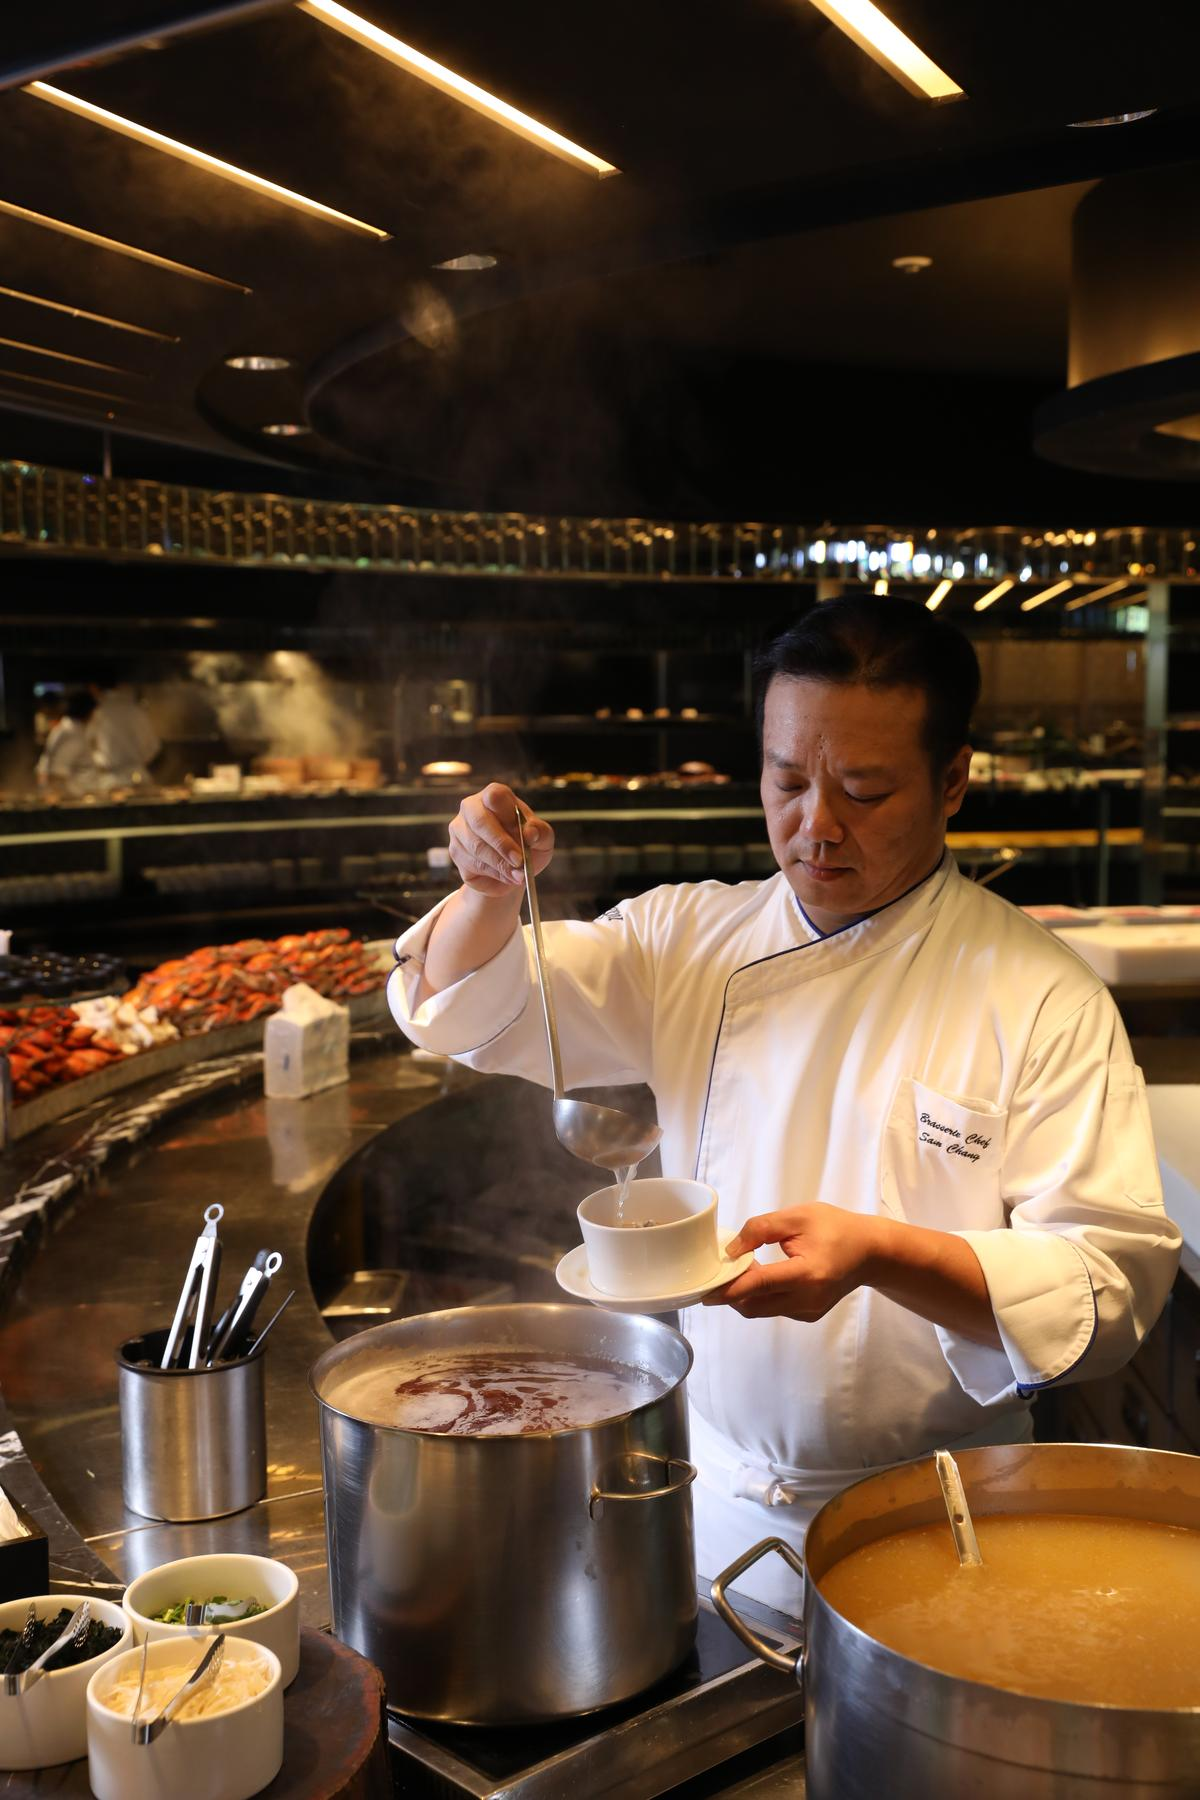 海鮮檯旁有現煮「鮟鱇魚湯」,大吃前先暖個胃。